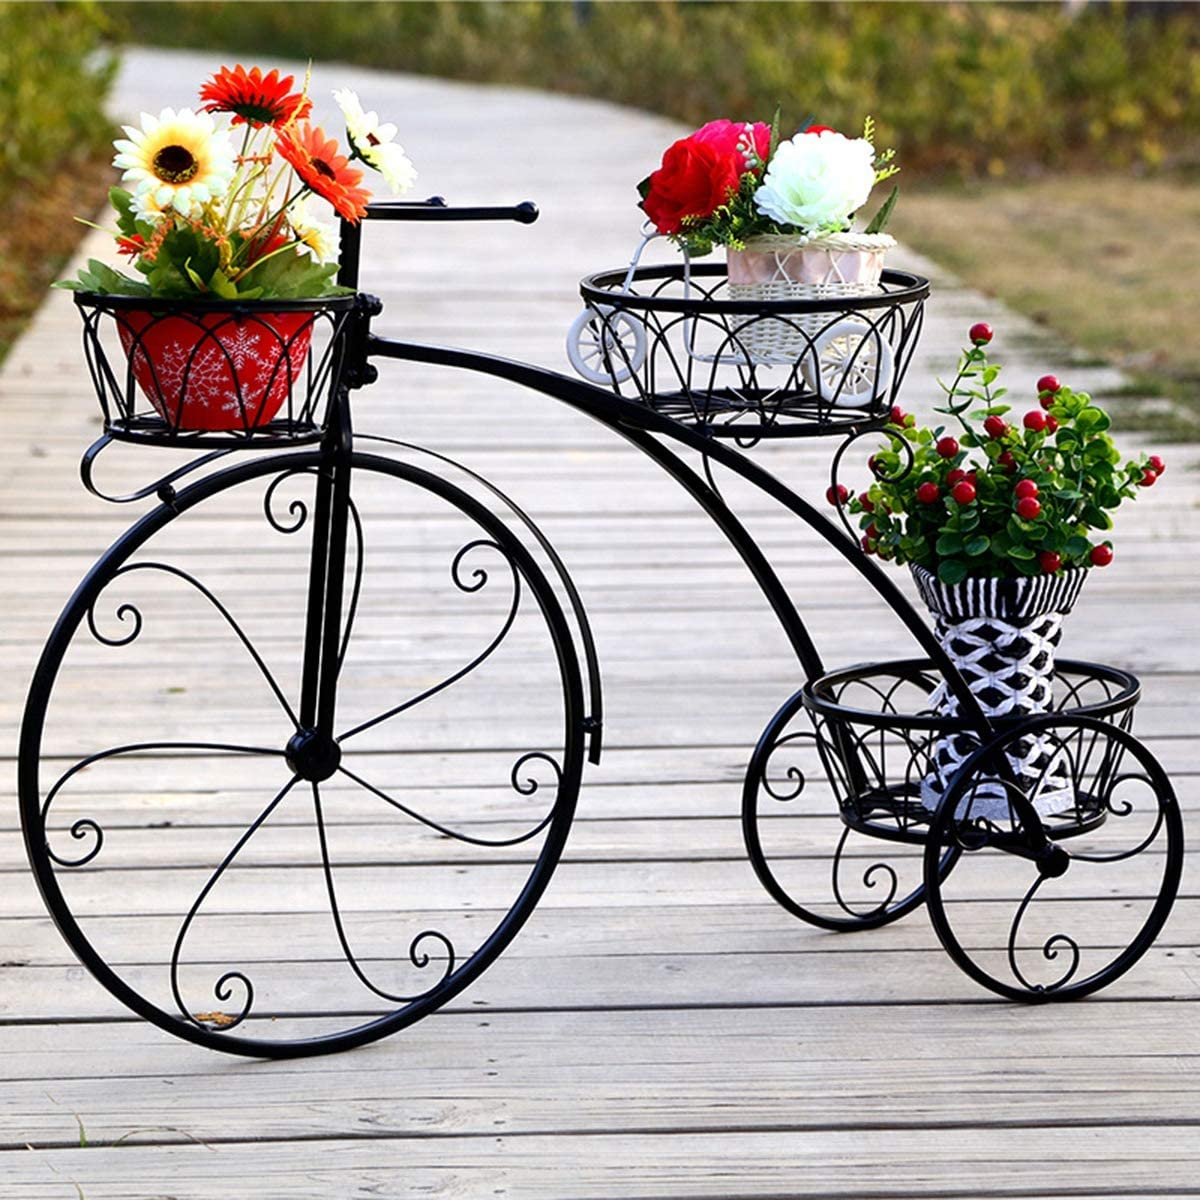 GLXQIJ 3 gradas de soporte de flores Tiesto Jardín moderno decorativo Patio Pequeño bicicletas soporte de exhibición con capacidad para 3 Tiesto para Negro